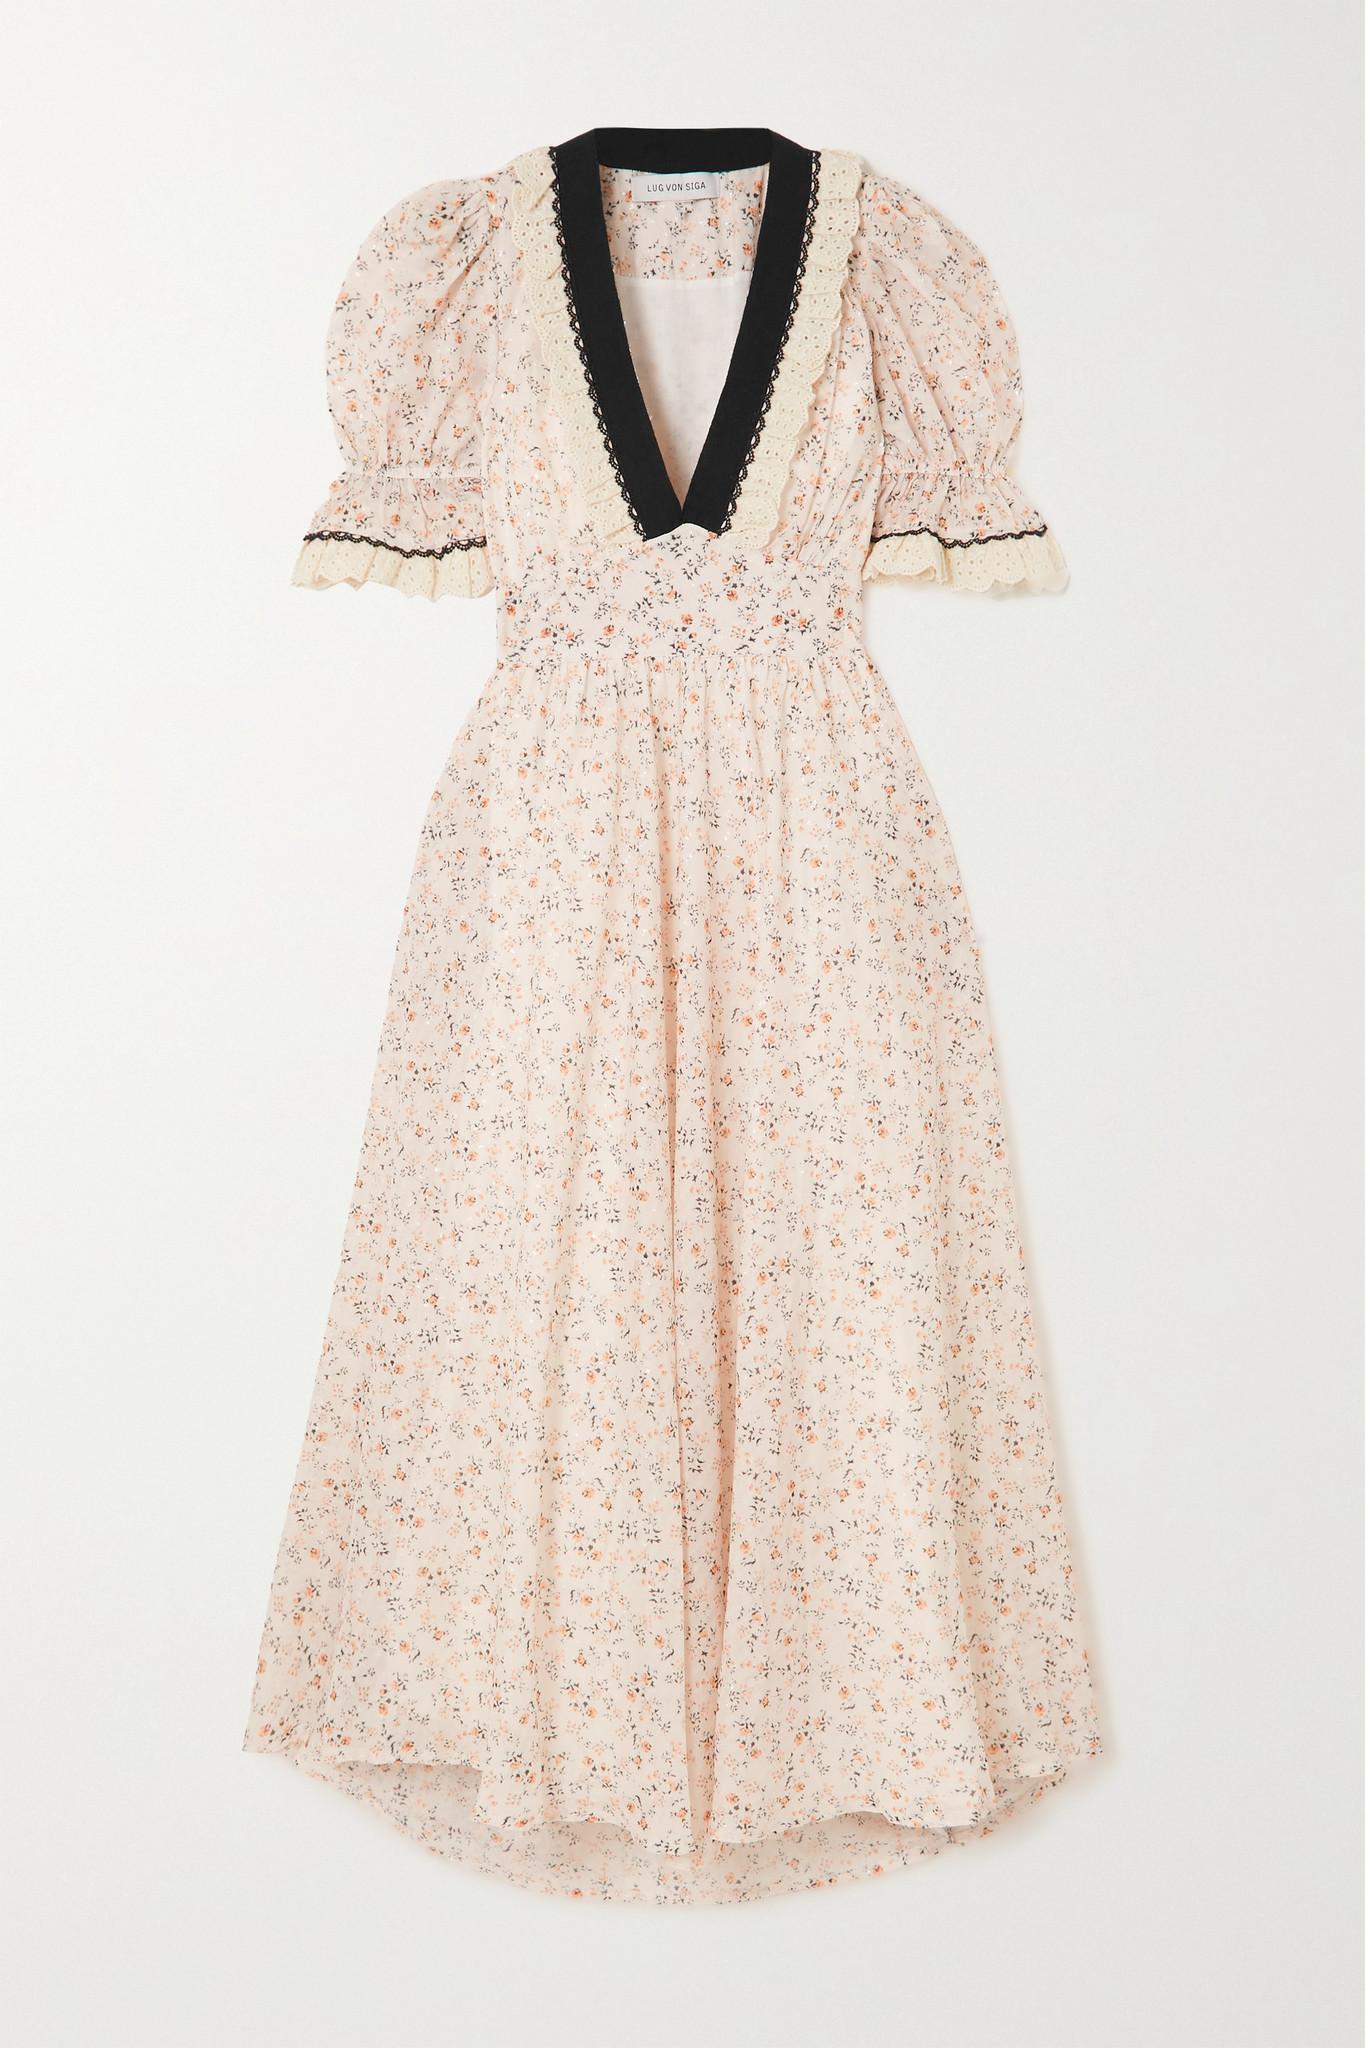 LUG VON SIGA - Sabrina Belted Crochet-trimmed Floral-print Crepe Maxi Dress - Neutrals - FR38